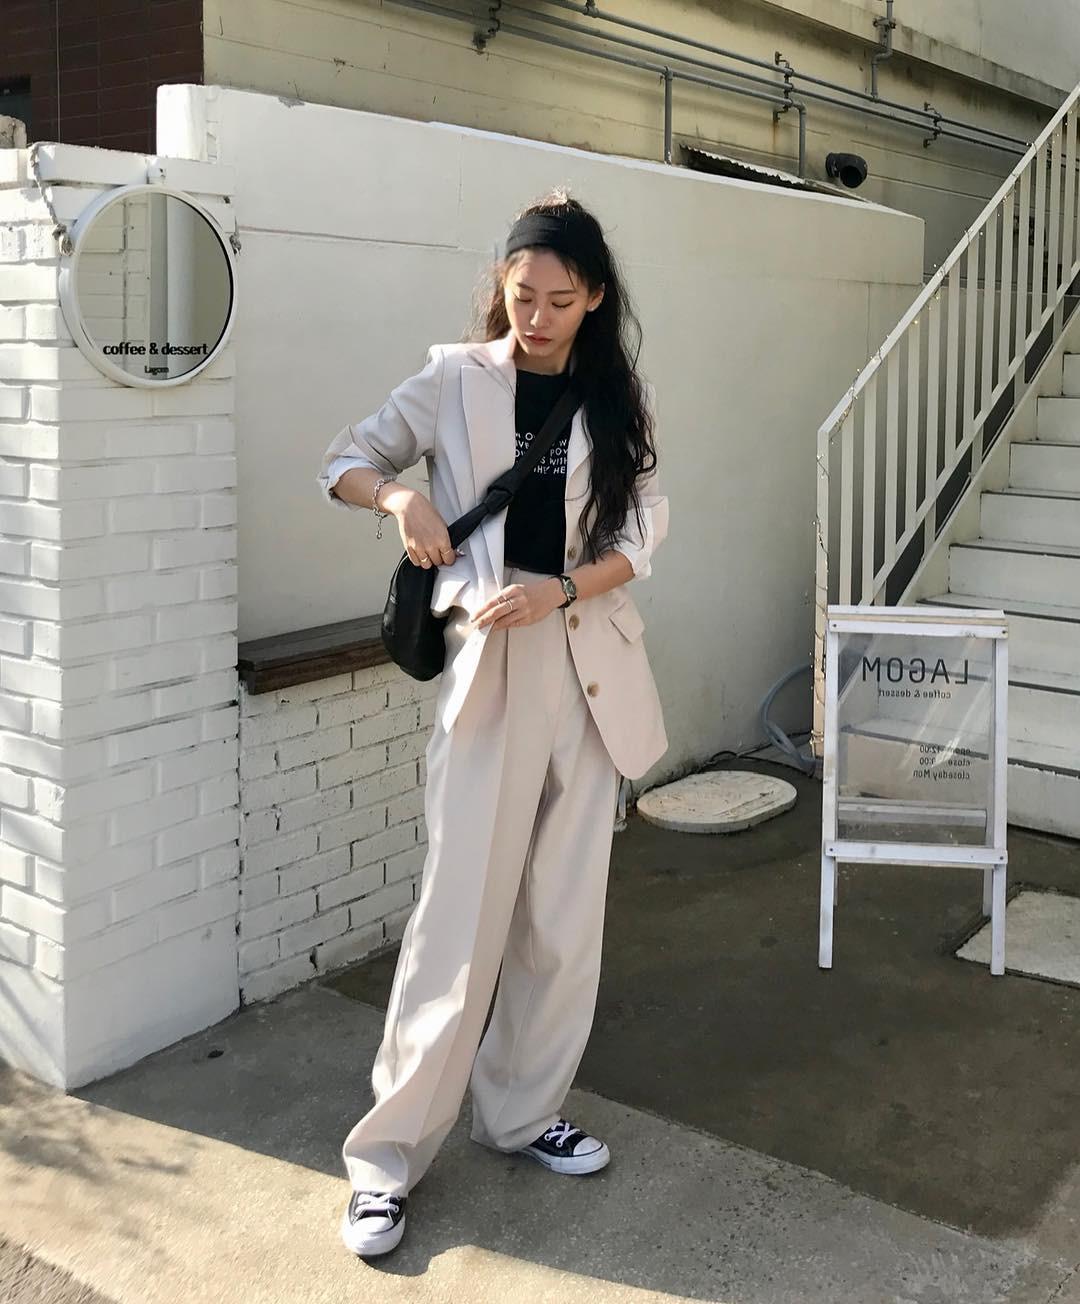 Street style giới trẻ Hàn tuần qua đẹp, chất quá mức quy định, không tham khảo để lên đồ chụp ảnh sống ảo thì hơi phí - Ảnh 4.